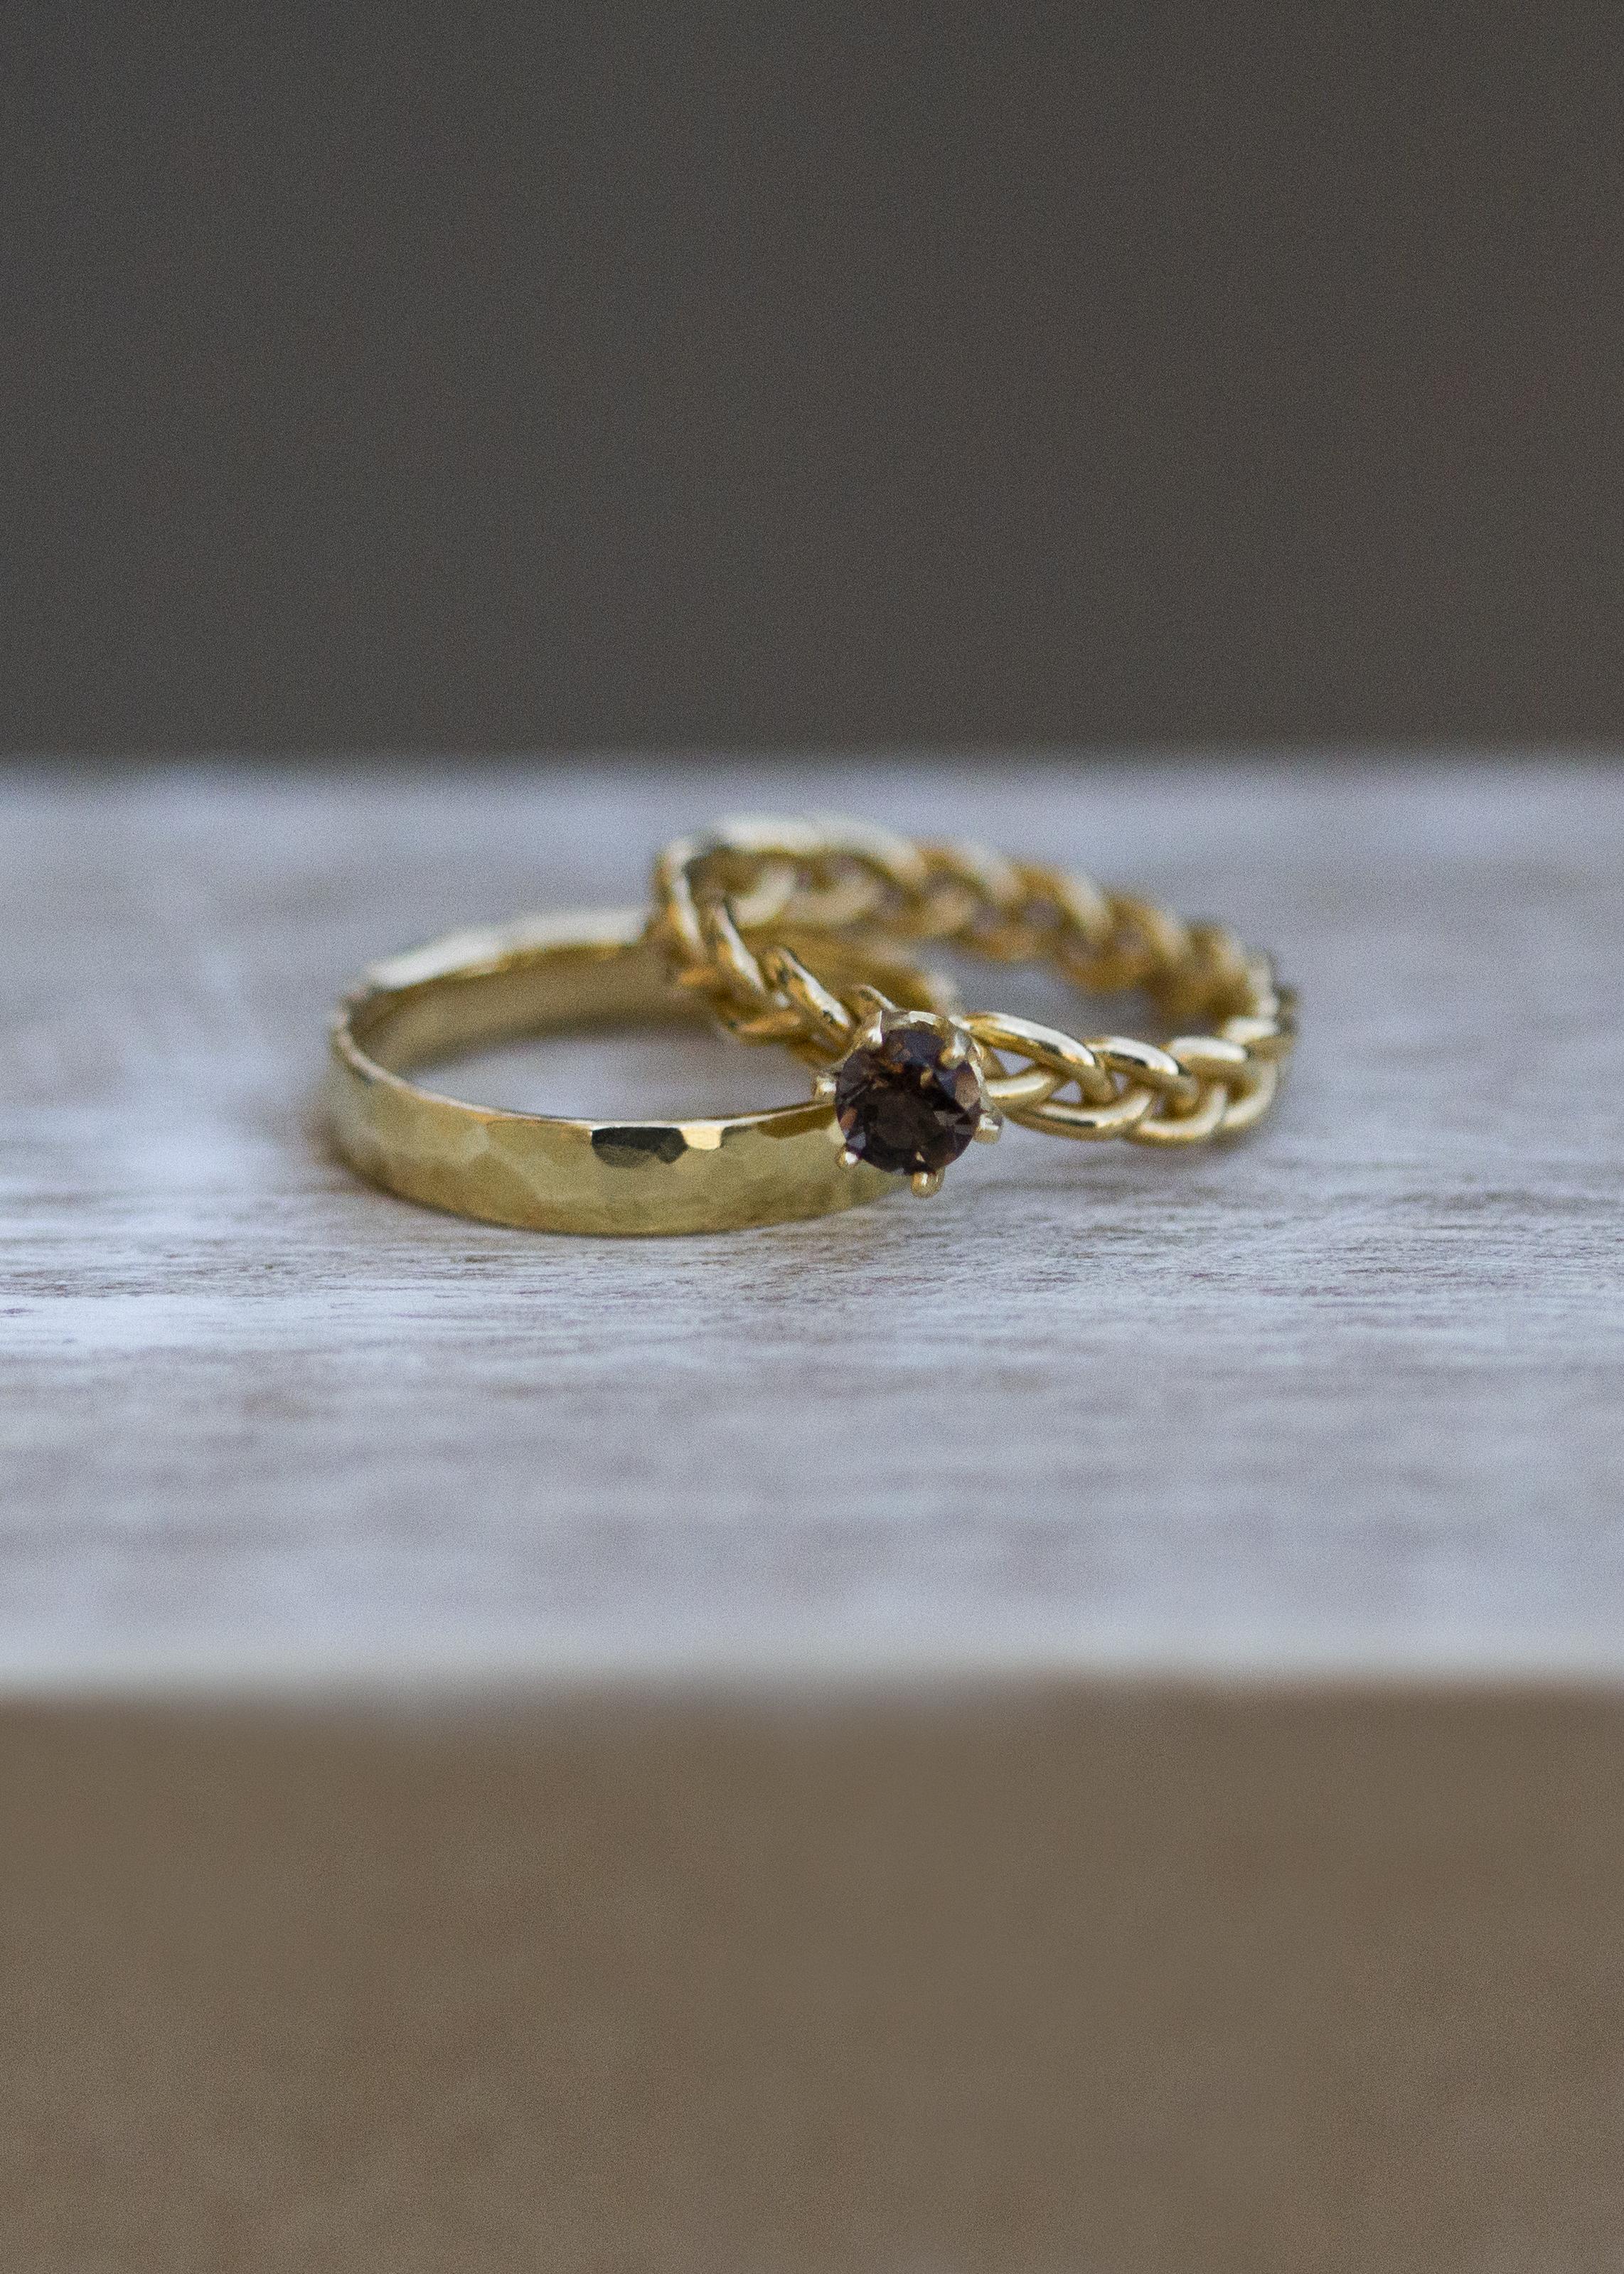 Gehämmerter Ring & geflochtener Solitaire mit Rauchquarz - Gelbgold